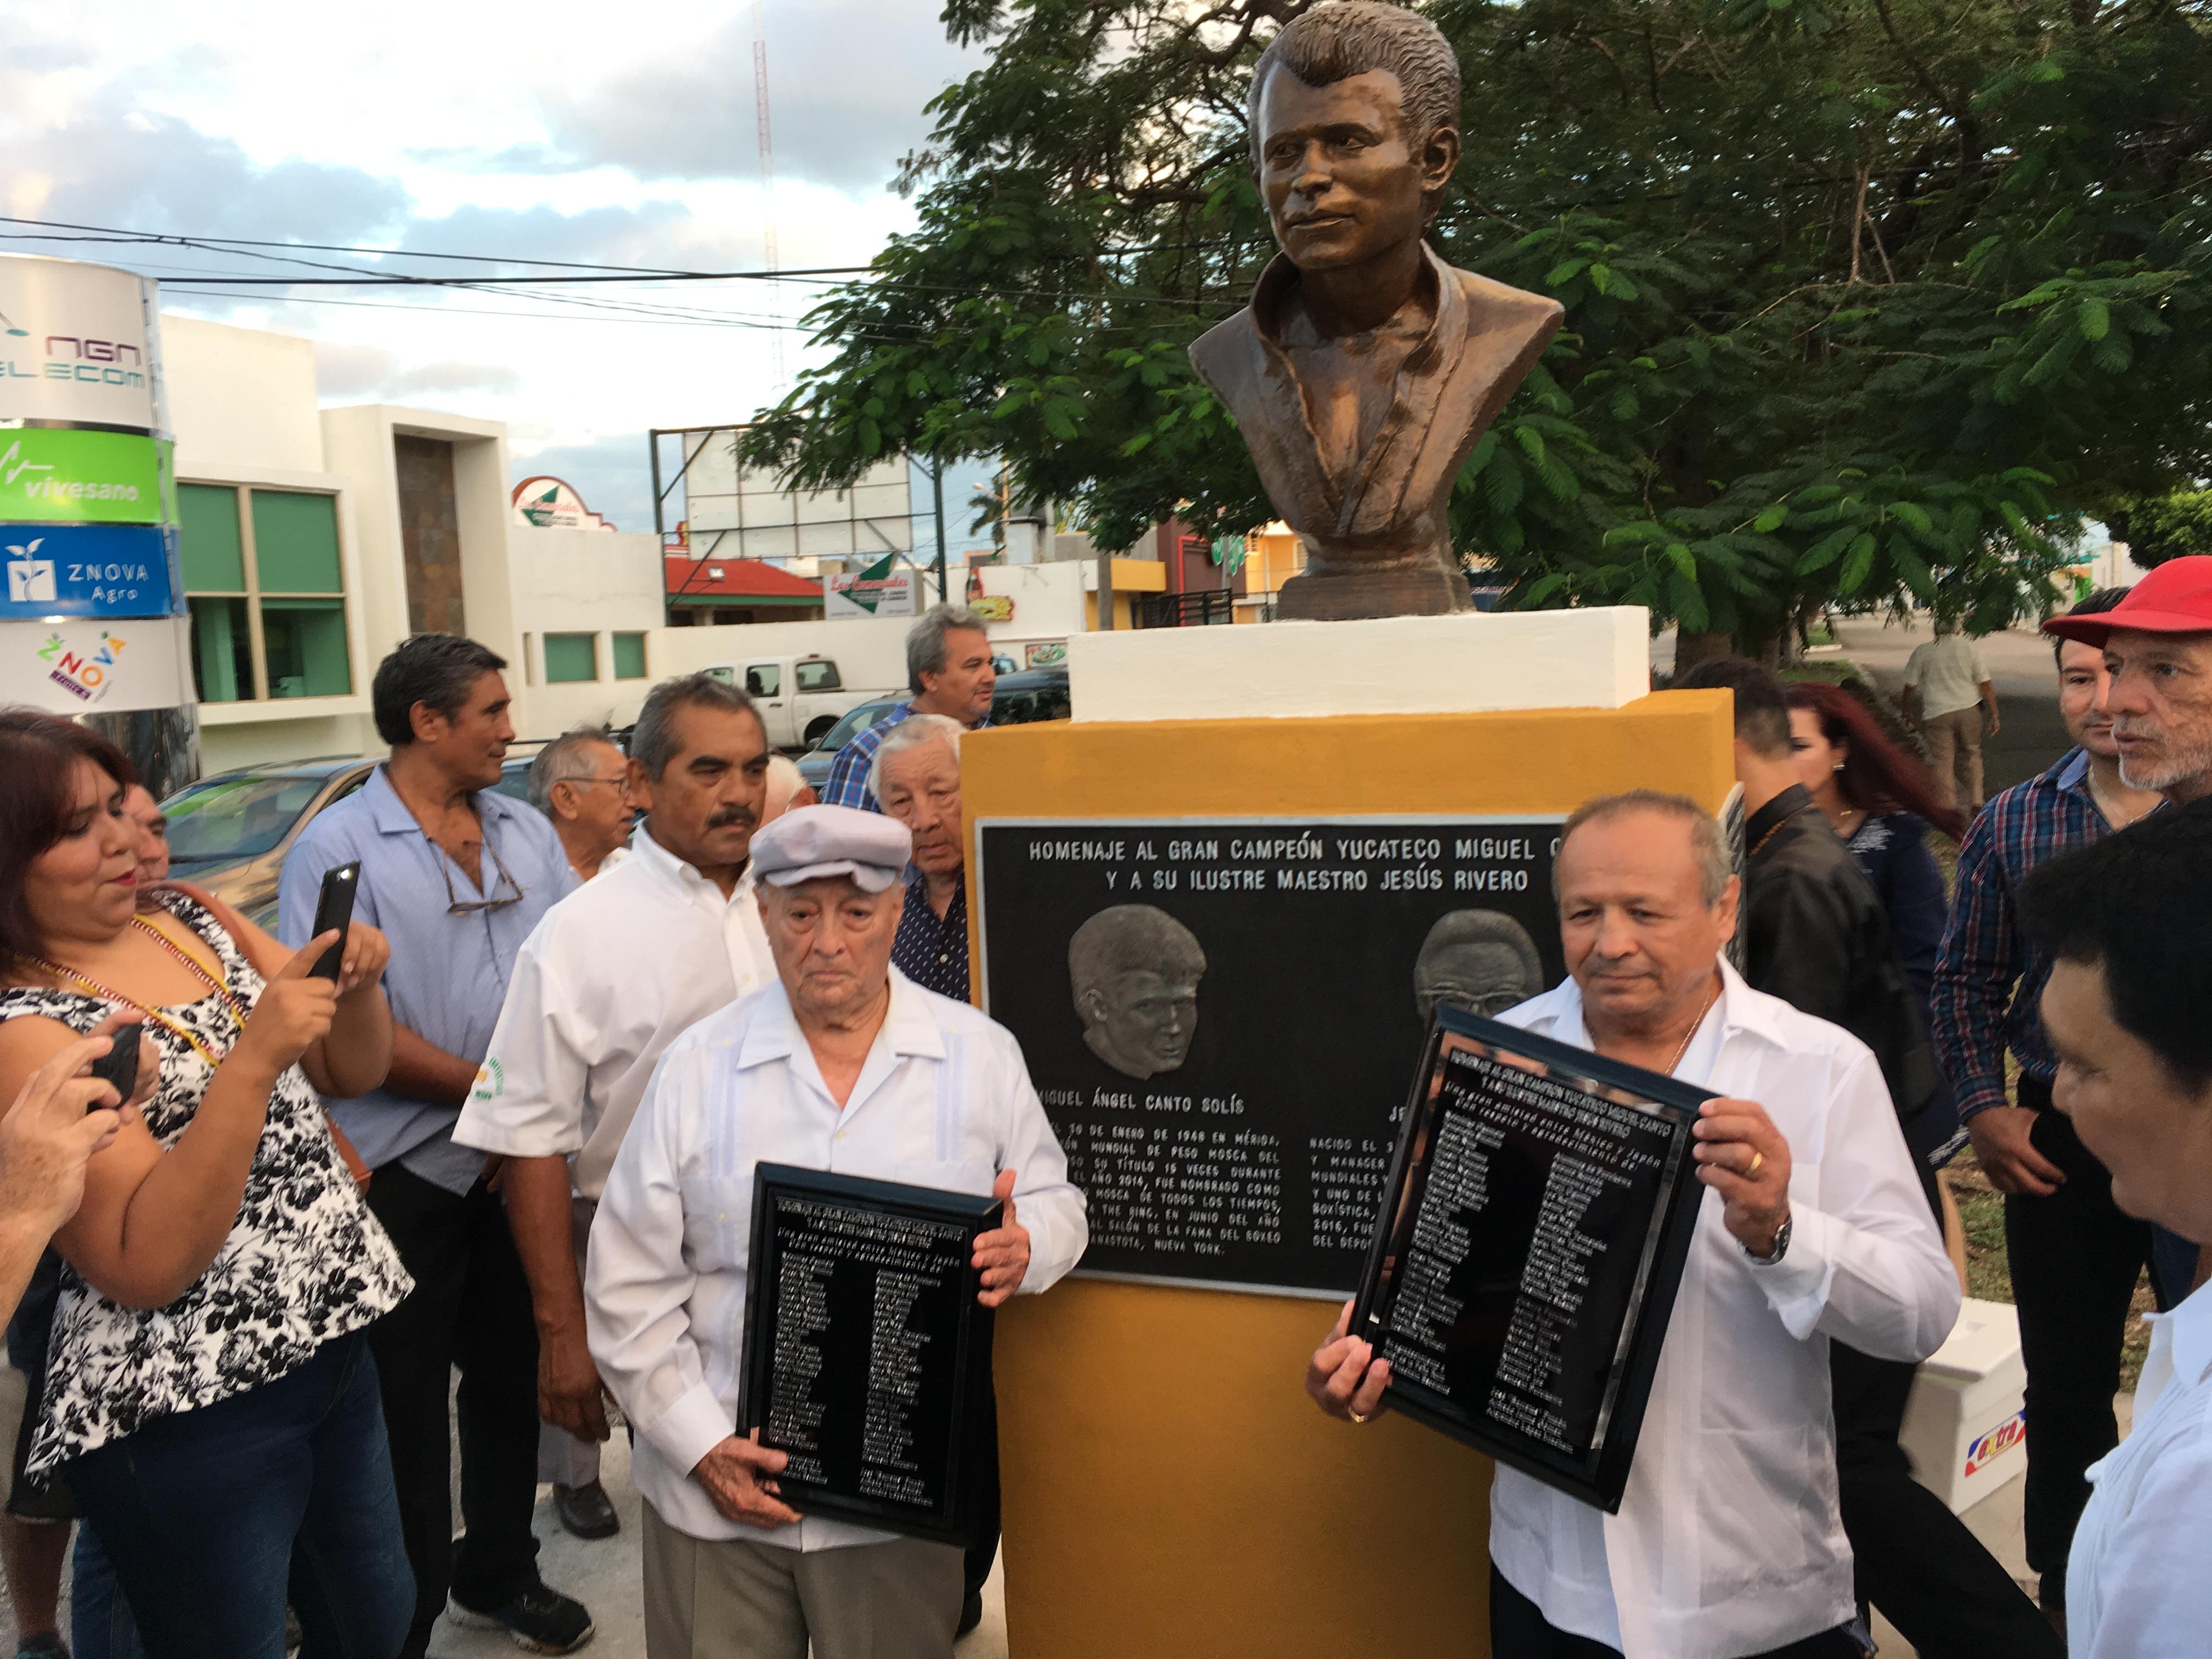 Japoneses rinden homenaje a Miguel Canto en Mérida